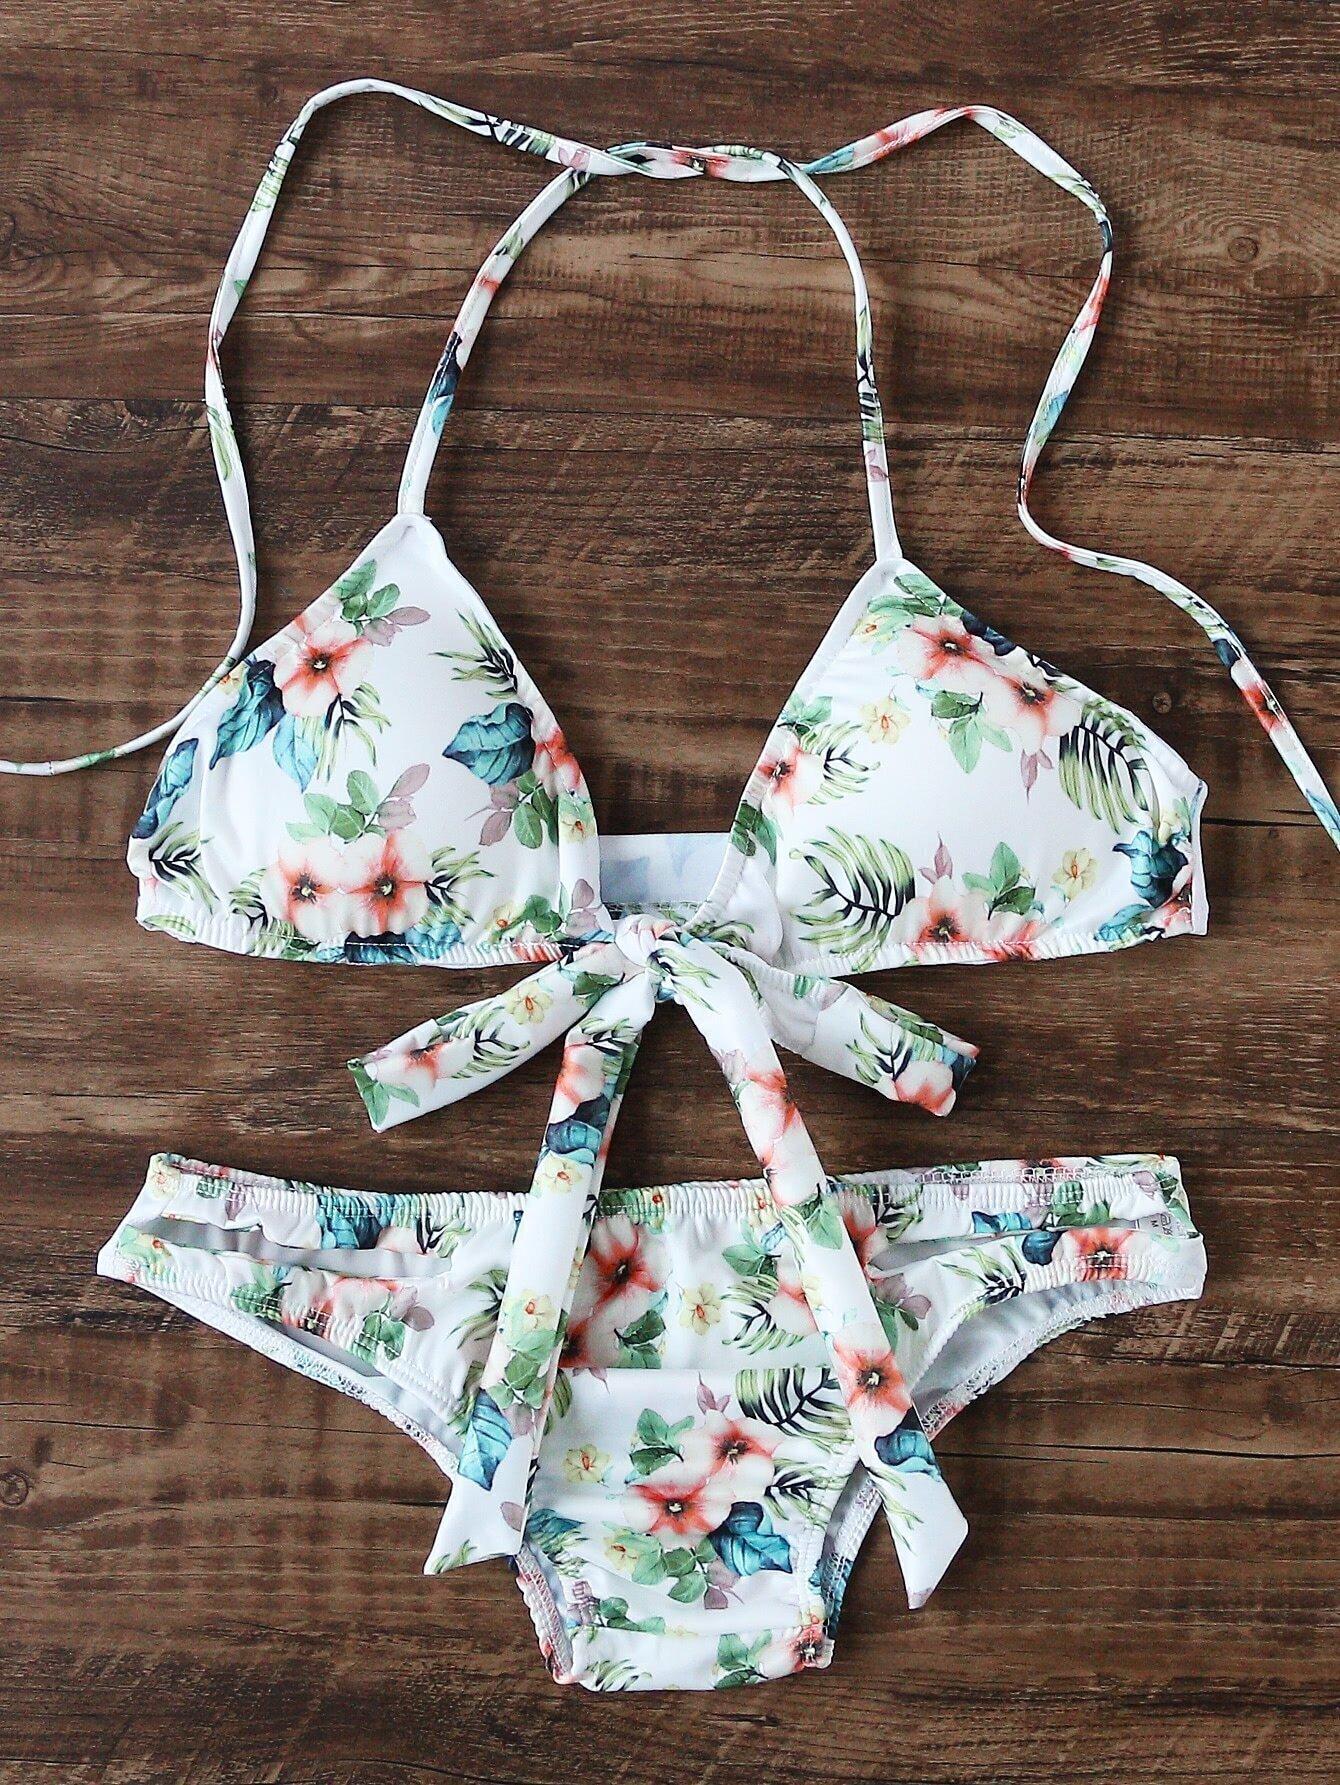 White Floral Print Bow Tie Triangle Bikini Set